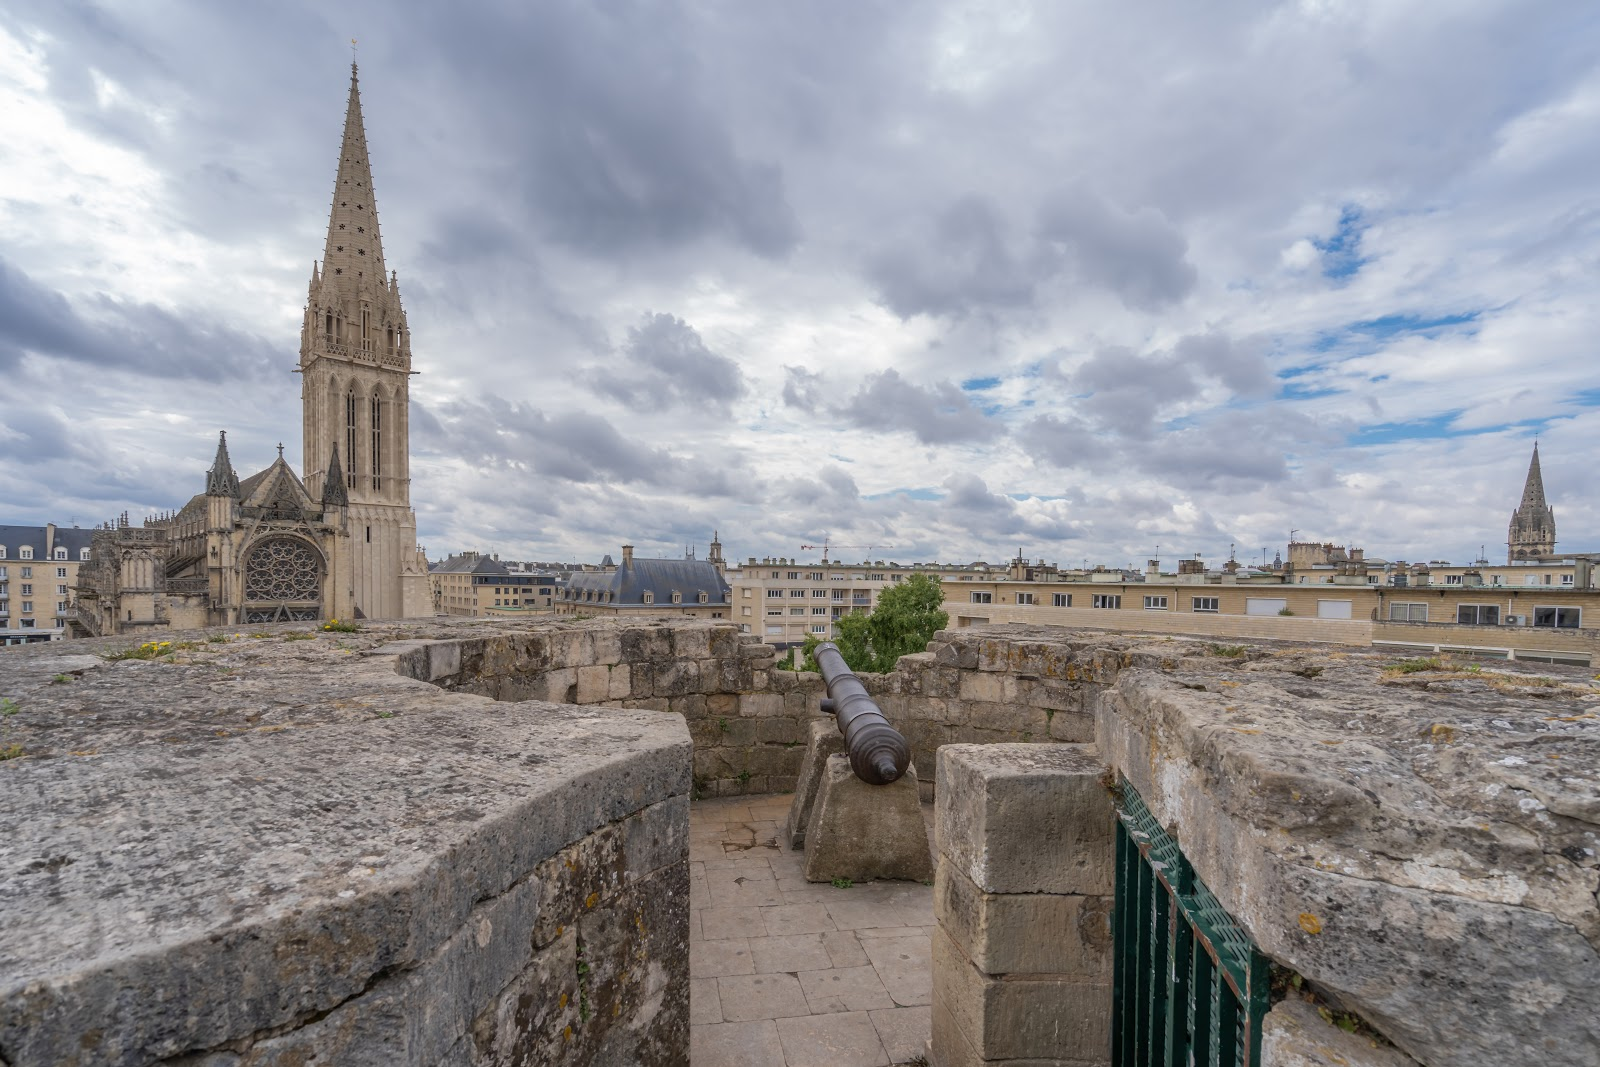 Die mittelalterliche Stadt Caen